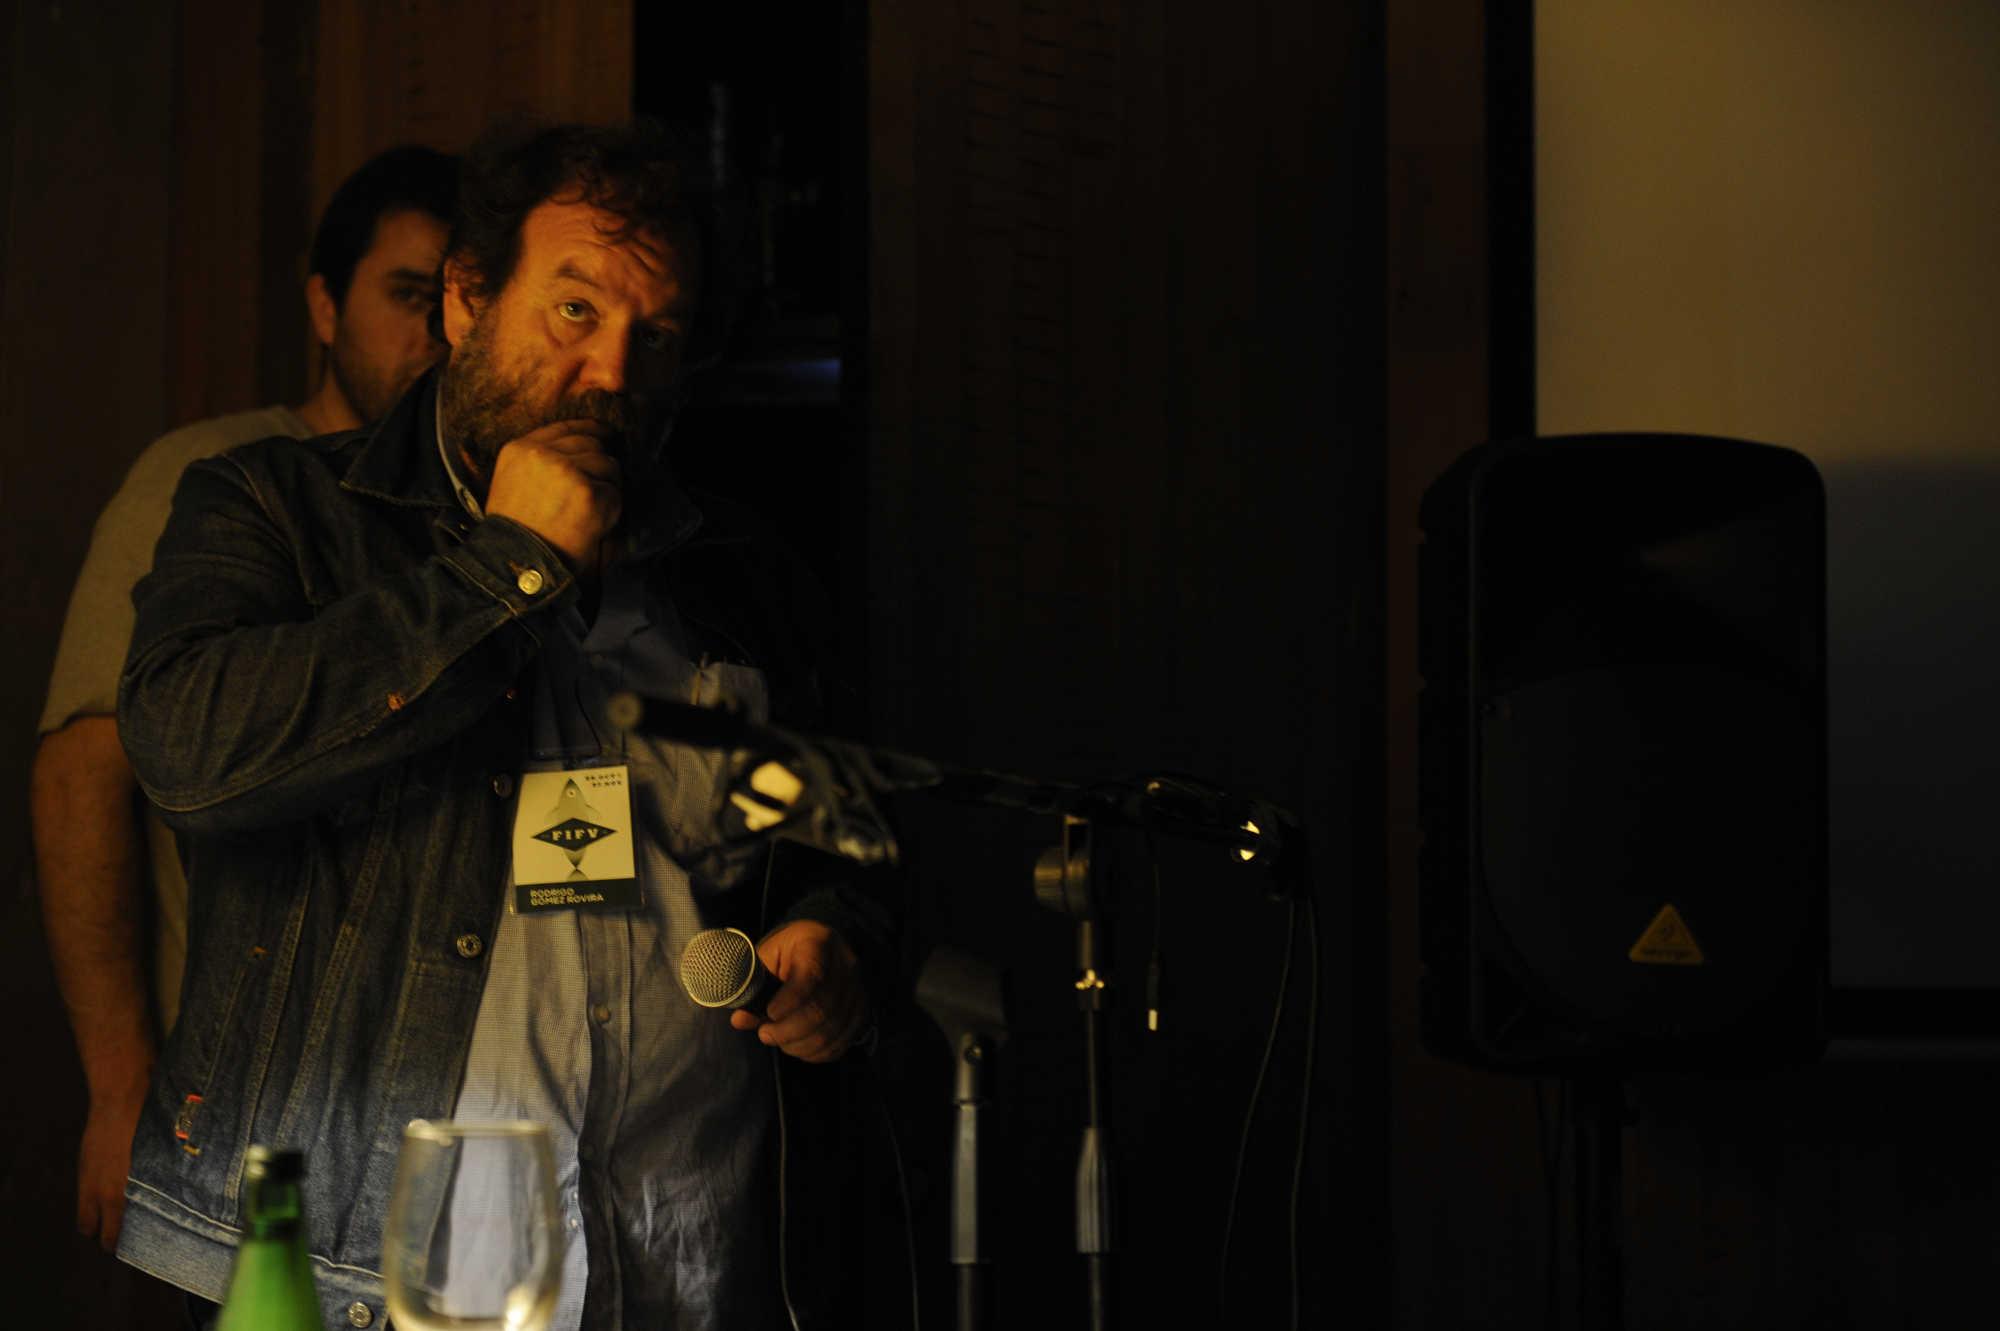 Rodrigo Rovira participa en Díalogos Fotográficos en el Restaurant El Internado en el marco de la 7ª edición del Festival Internacional de Fotografía en Valparaíso, FIFV 2016. ©Victor Ruiz Caballero